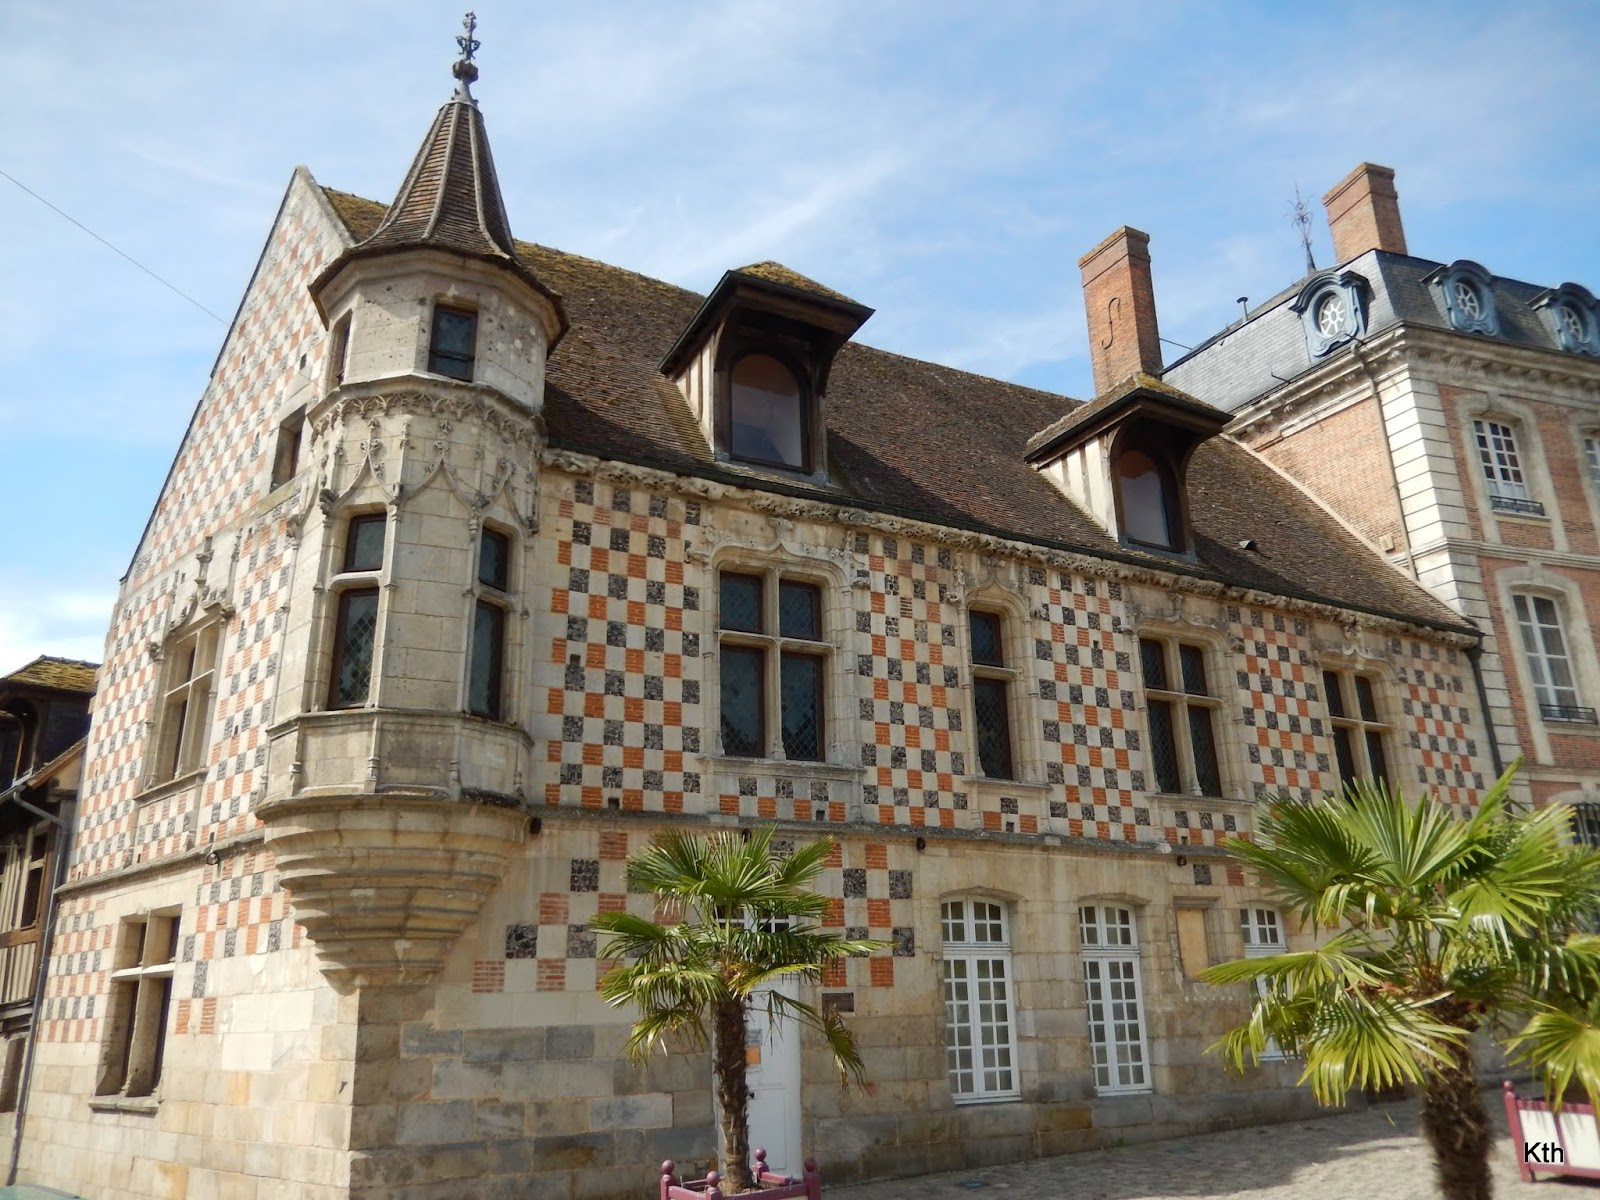 Ela auto verneuil sur avre hotel restaurant verneuil sur avre normandy luxury hotel chartres - Office de tourisme verneuil sur avre ...